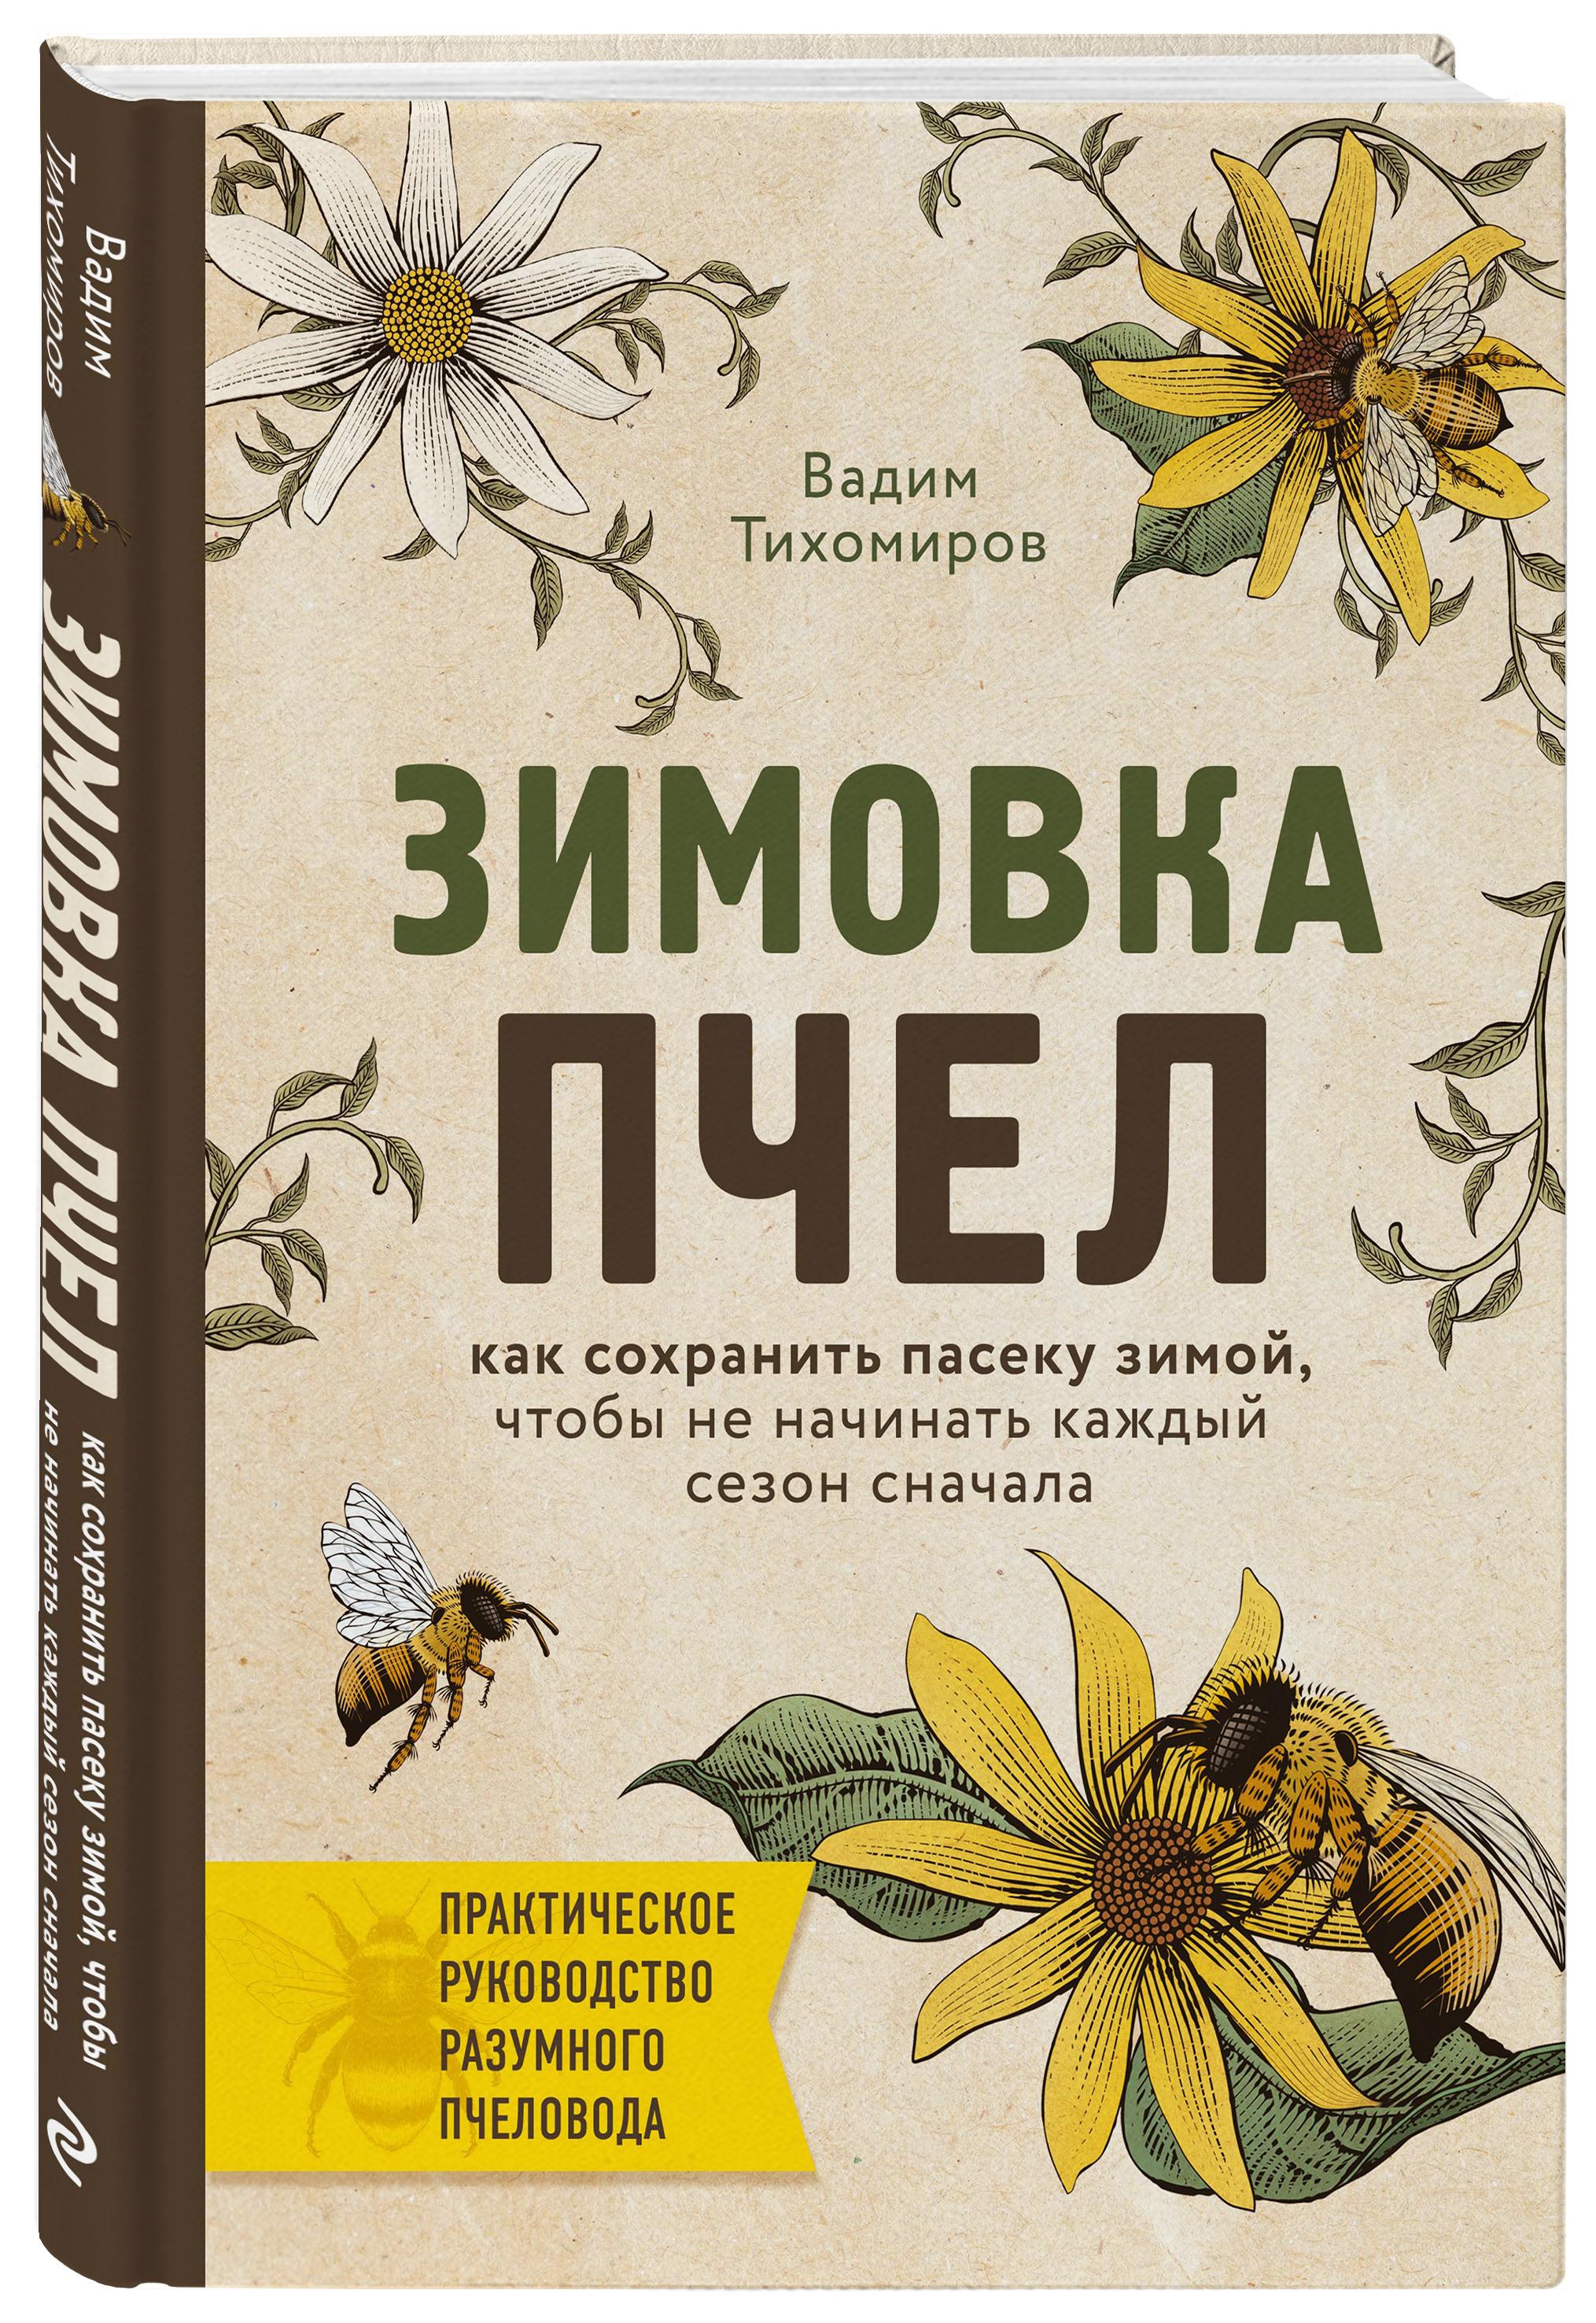 Тихомиров В.В. Зимовка пчел. Как не начинать каждый сезон сначала ISBN: 978-5-699-96494-9 вадим тихомиров психология лентяя